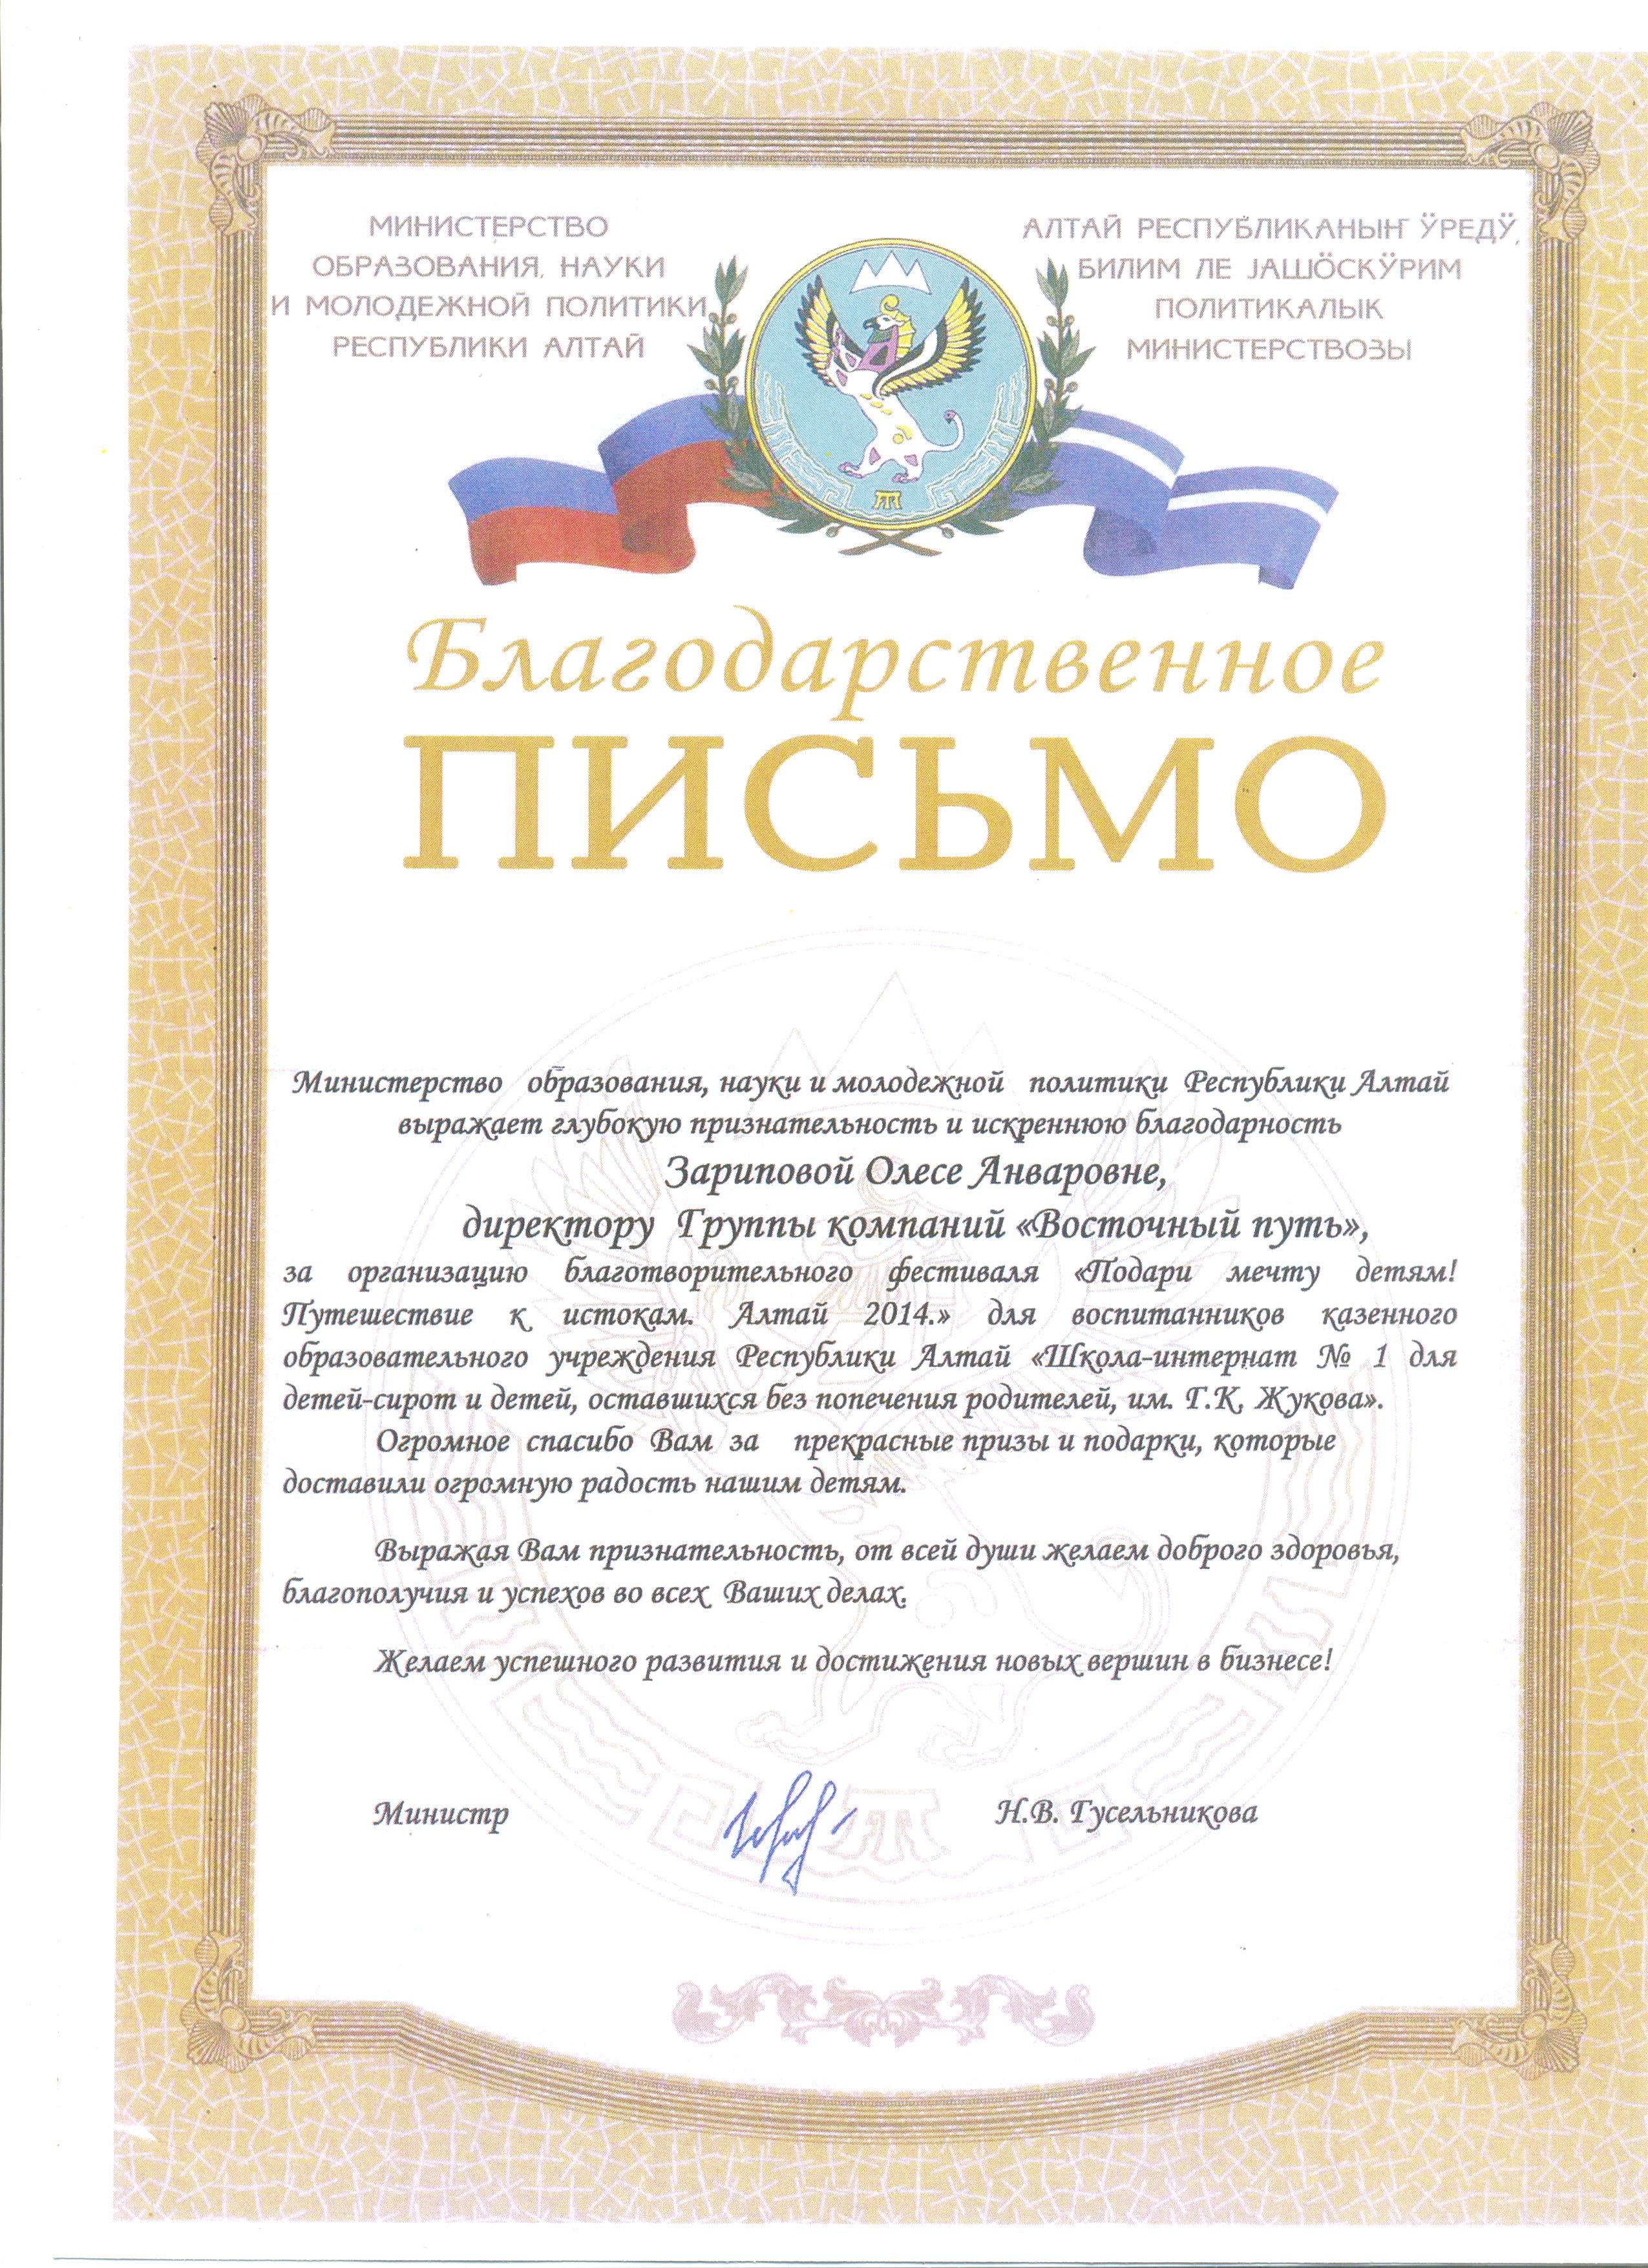 Благодарность от Министерства образования, науки и молодежной политики Республики Алтай